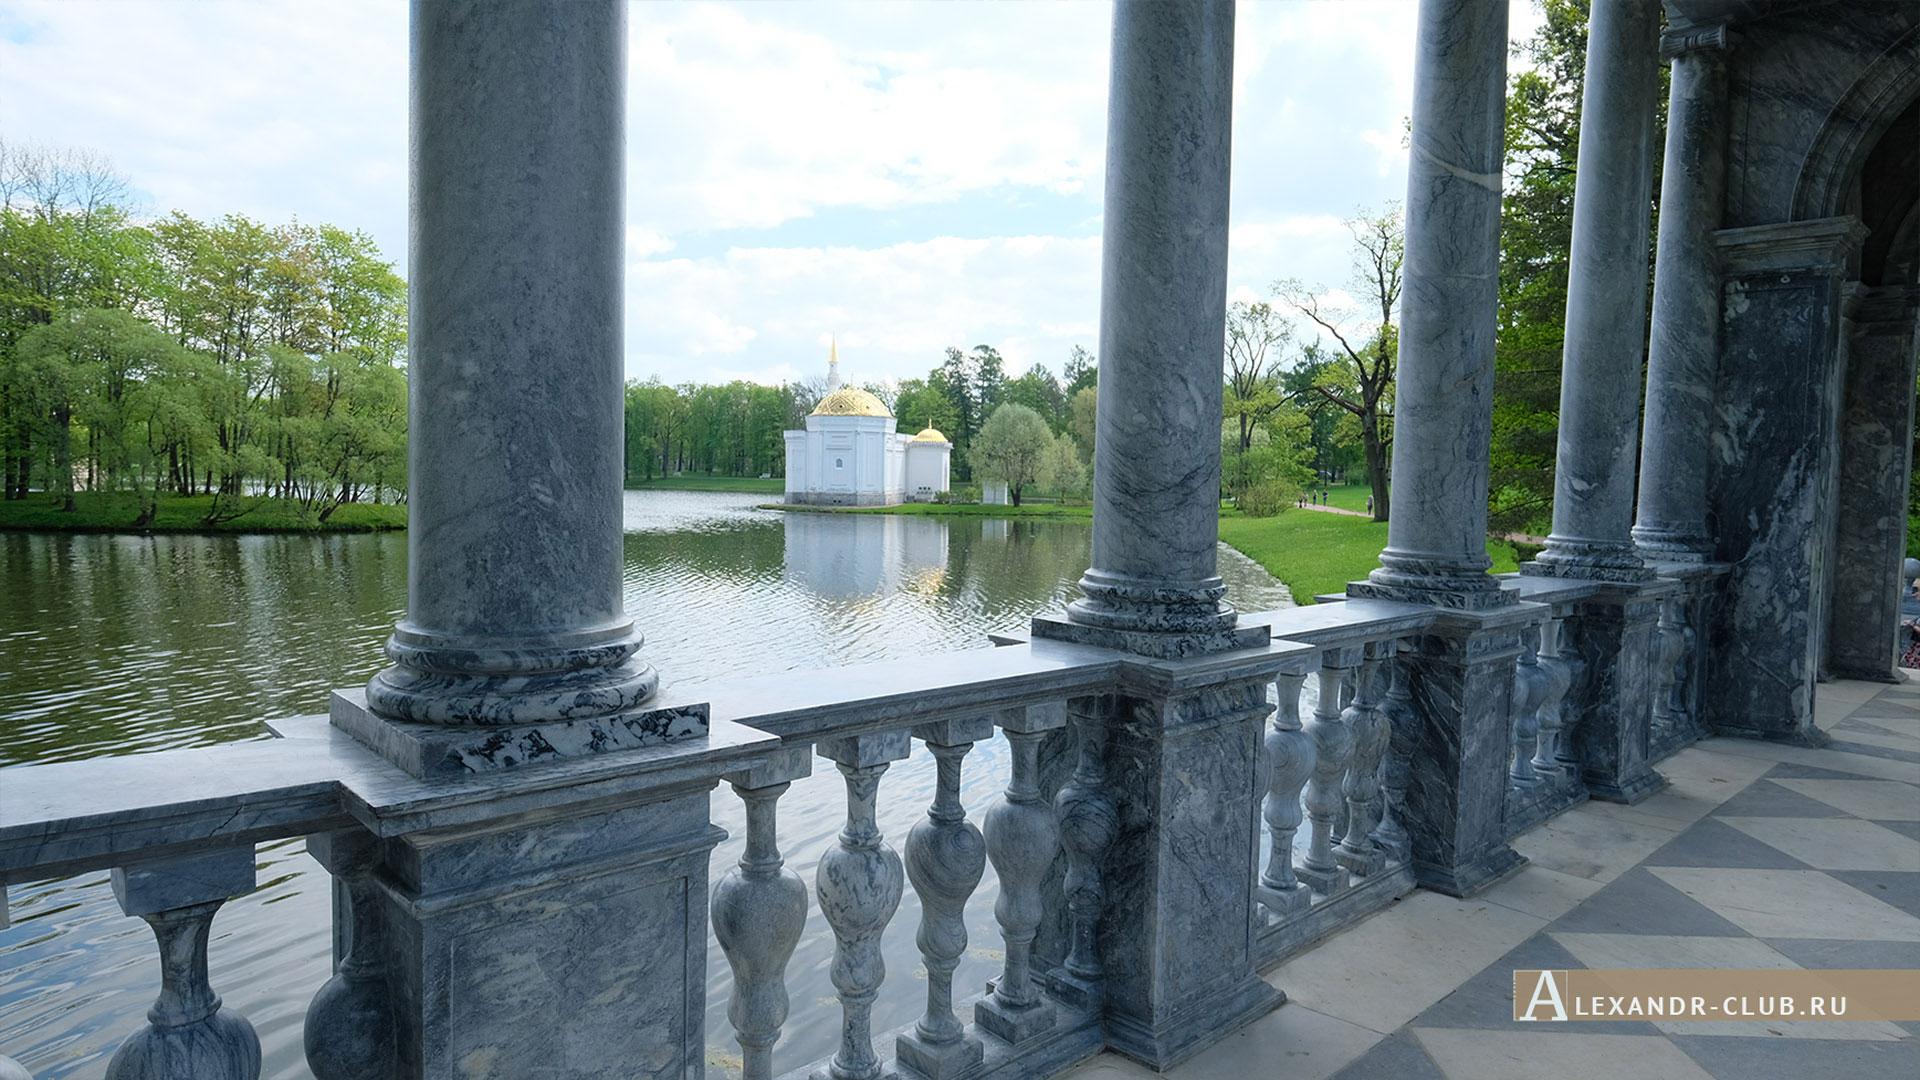 Царское Село, весна, Екатерининский парк, Мраморный (Палладиев) мост